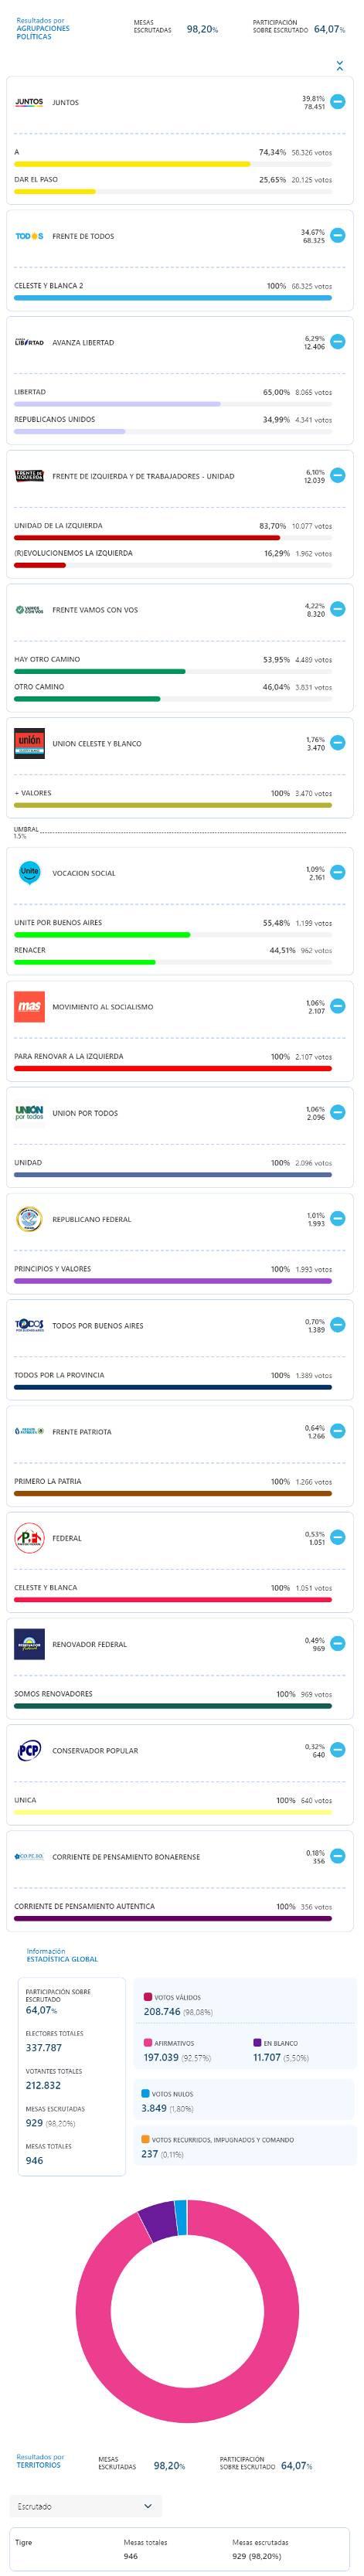 Datos Oficiales PASO 2021 Tigre